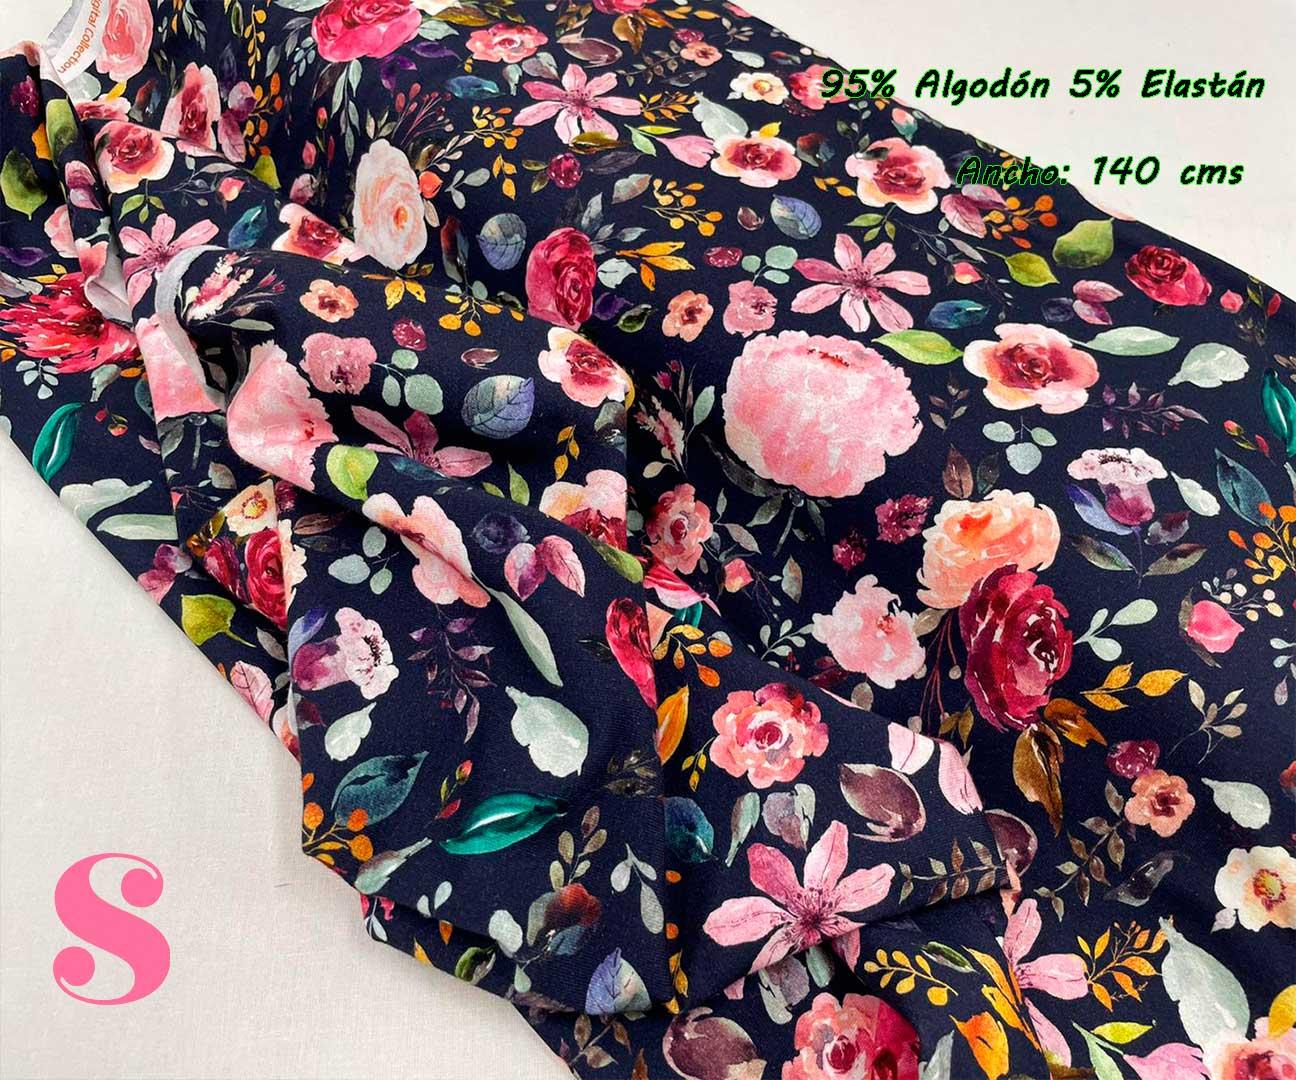 34-telas-de-punto,telas-estampadas-infantiles,tejidos-estampados-para-sudaderas,telas-para-confeccionar-ropa-infantil,Punto Camiseta Jersey Estampado Flores fondo Marino